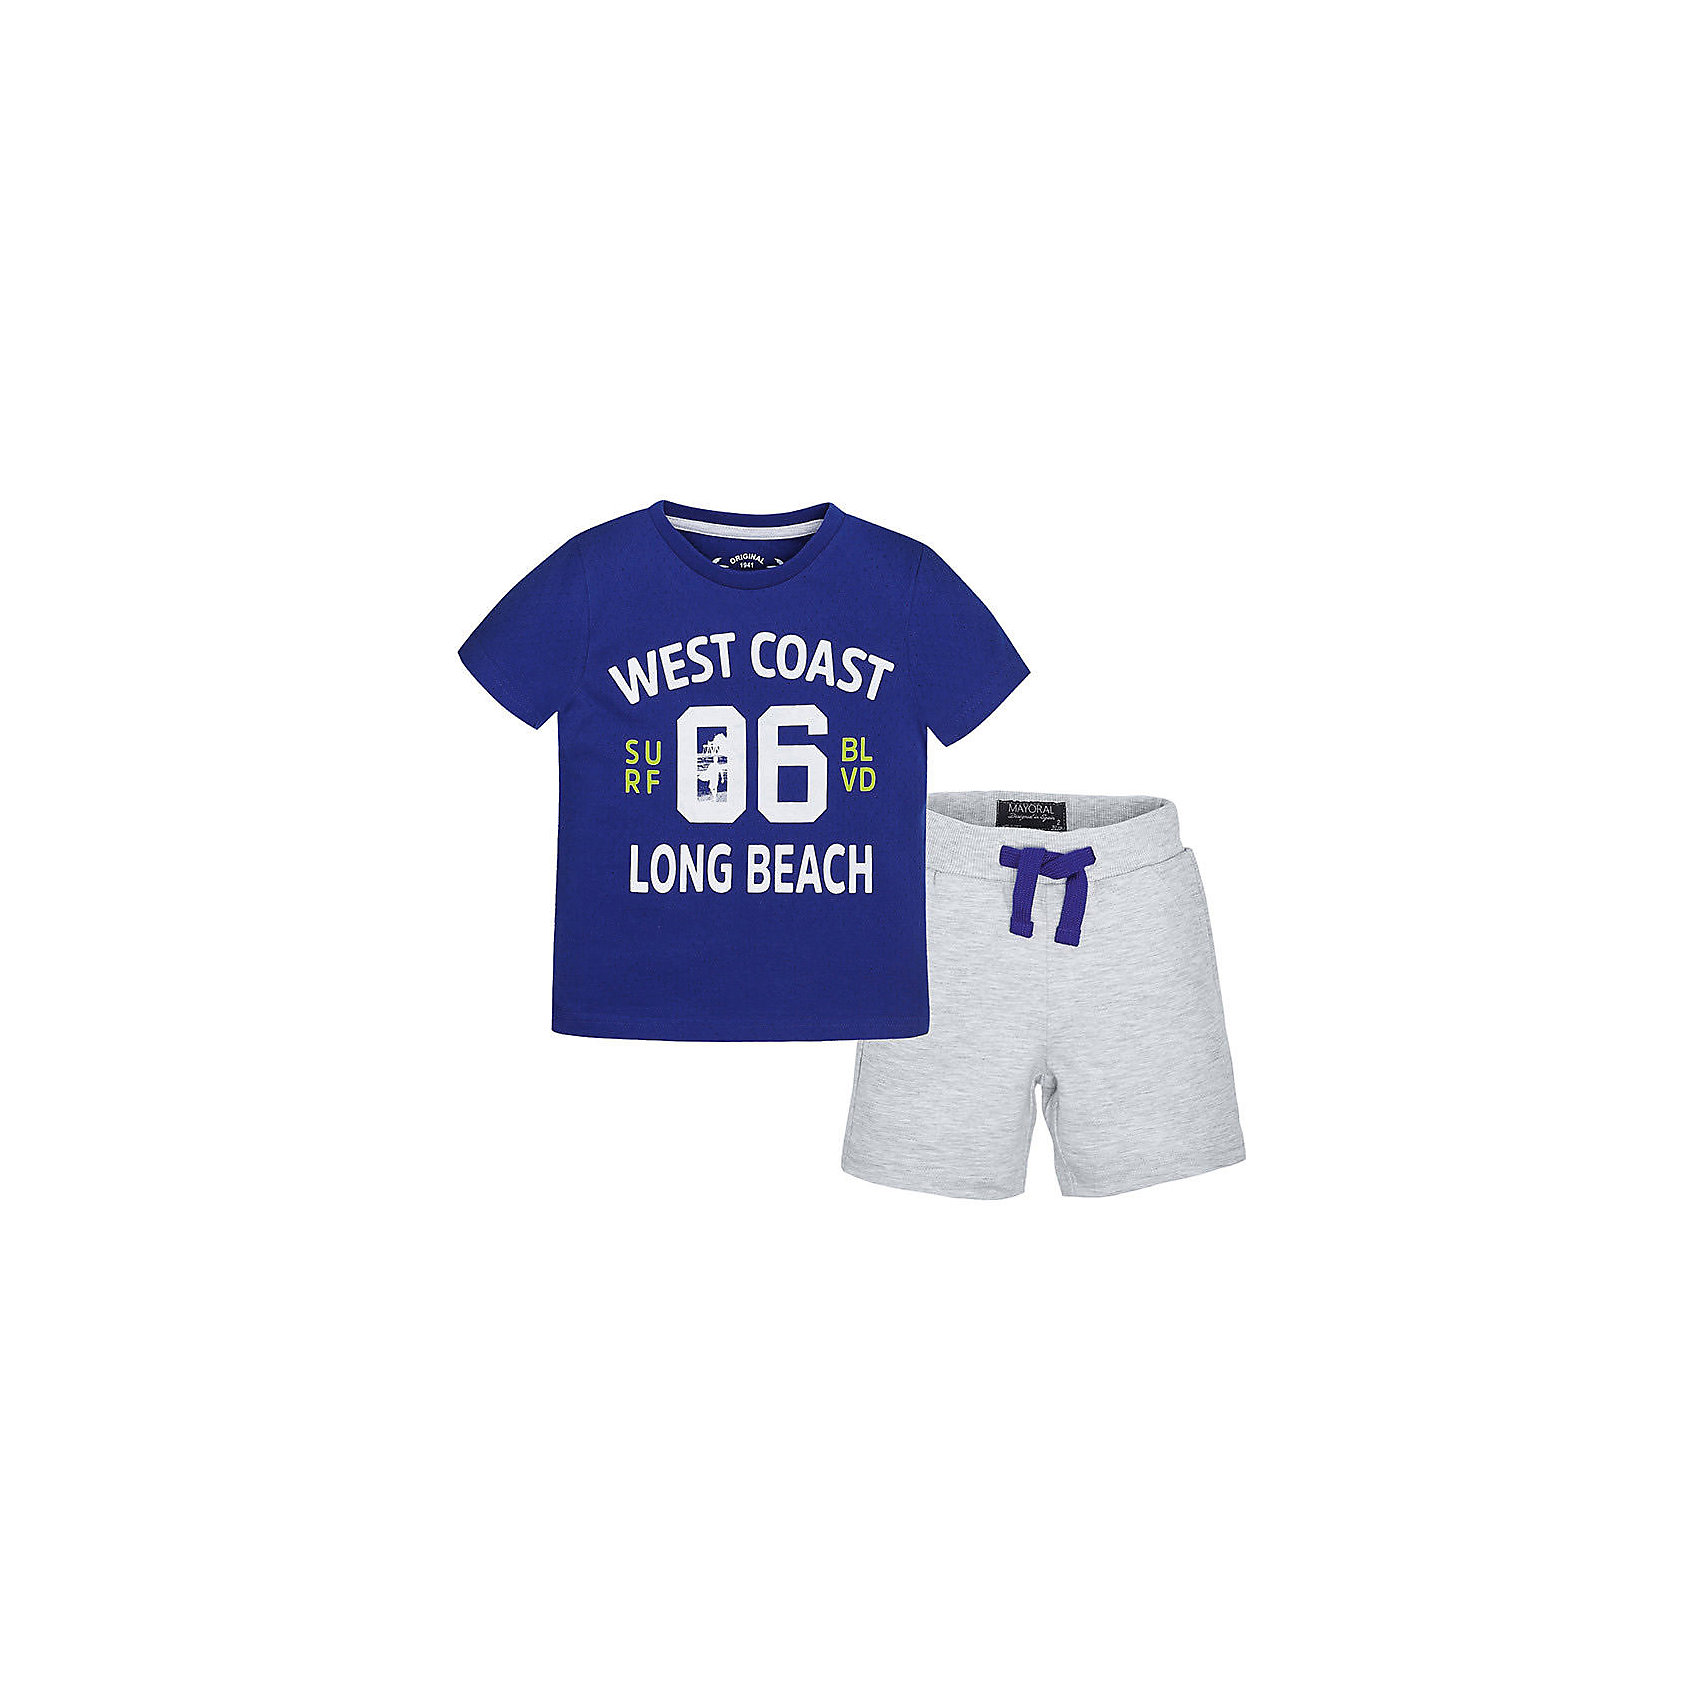 Комплект для мальчика: футболка и шорты MayoralКомплект: футболка и шорты для мальчика от известной испанской марки Mayoral <br><br>Модная футболка с шортами от Mayoral особенно актуальны в теплое время года! Она прекрасно сочетаются и с другими вещами.  Модель выполнена из качественных материалов, отлично сидит по фигуре.<br><br>Особенности модели:<br><br>- цвет: серый, синий;<br>- принт;<br>- шорты - на резинке и шнурке;<br>- натуральный материал.<br><br>Дополнительная информация:<br><br>Состав: 98% хлопок, 2% полиэстер<br><br>Комплект: футболка и шорты для мальчика Mayoral (Майорал) можно купить в нашем магазине.<br><br>Ширина мм: 199<br>Глубина мм: 10<br>Высота мм: 161<br>Вес г: 151<br>Цвет: белый<br>Возраст от месяцев: 72<br>Возраст до месяцев: 84<br>Пол: Мужской<br>Возраст: Детский<br>Размер: 122,104,98,134,116,110,128<br>SKU: 4542682